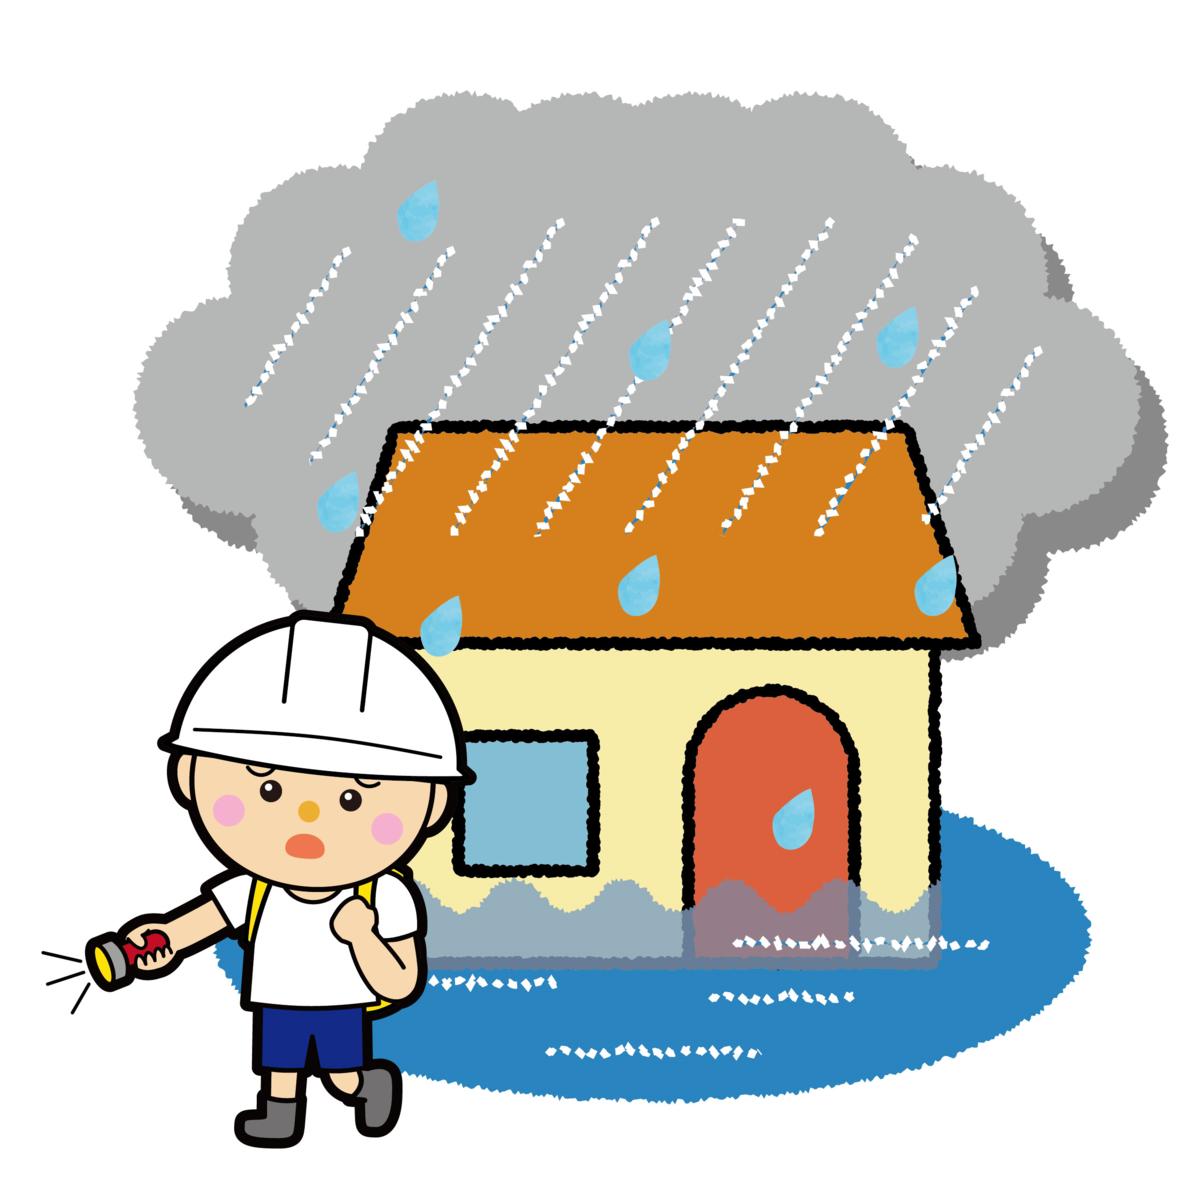 防災グッズの点検 停電・断水 自宅で数日過ごす準備